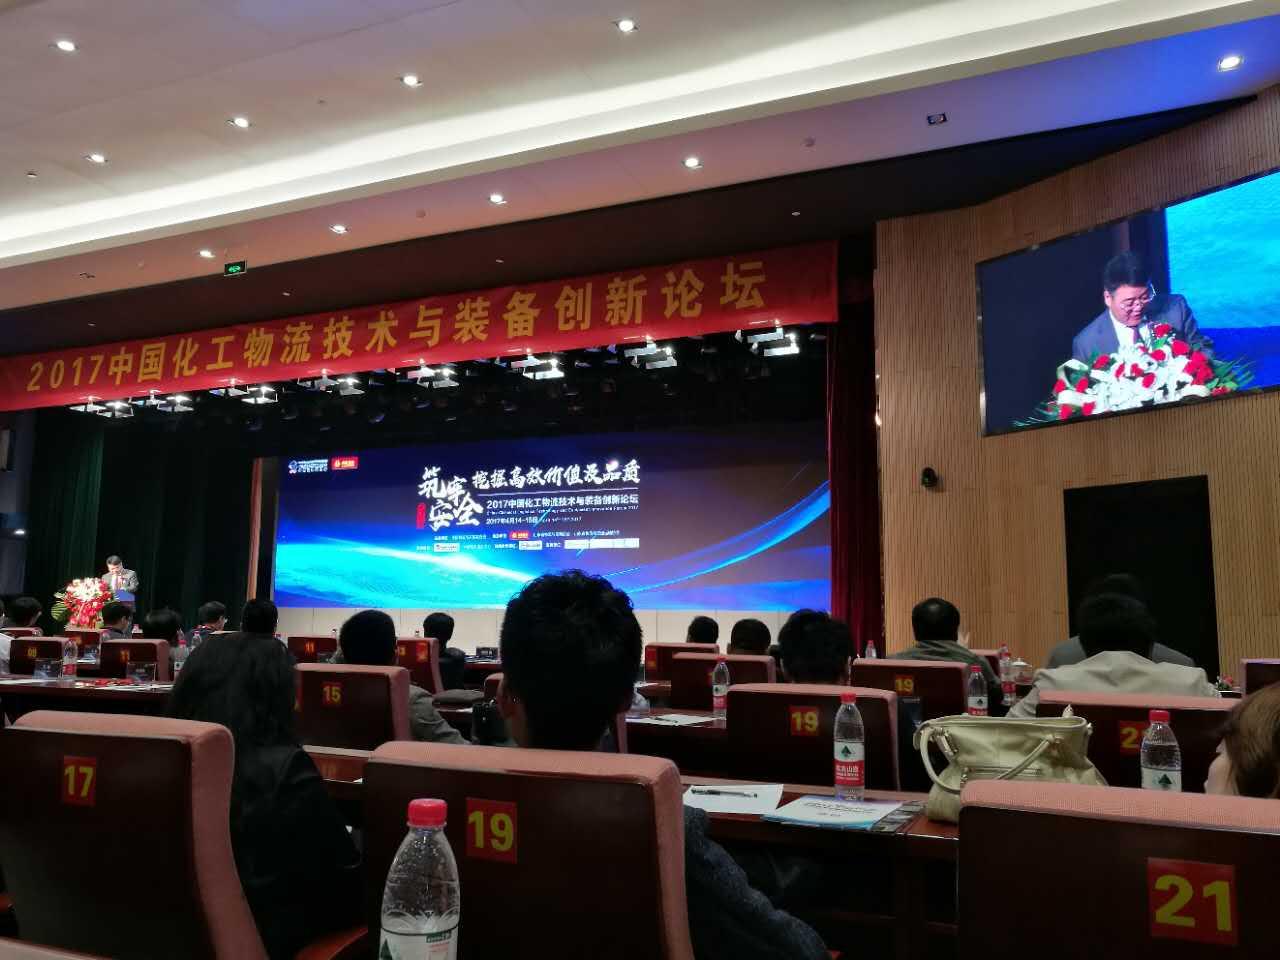 重汽济专绿叶牌铝合金三轴半挂亮相2017中国化工物流技术与装备创新论坛